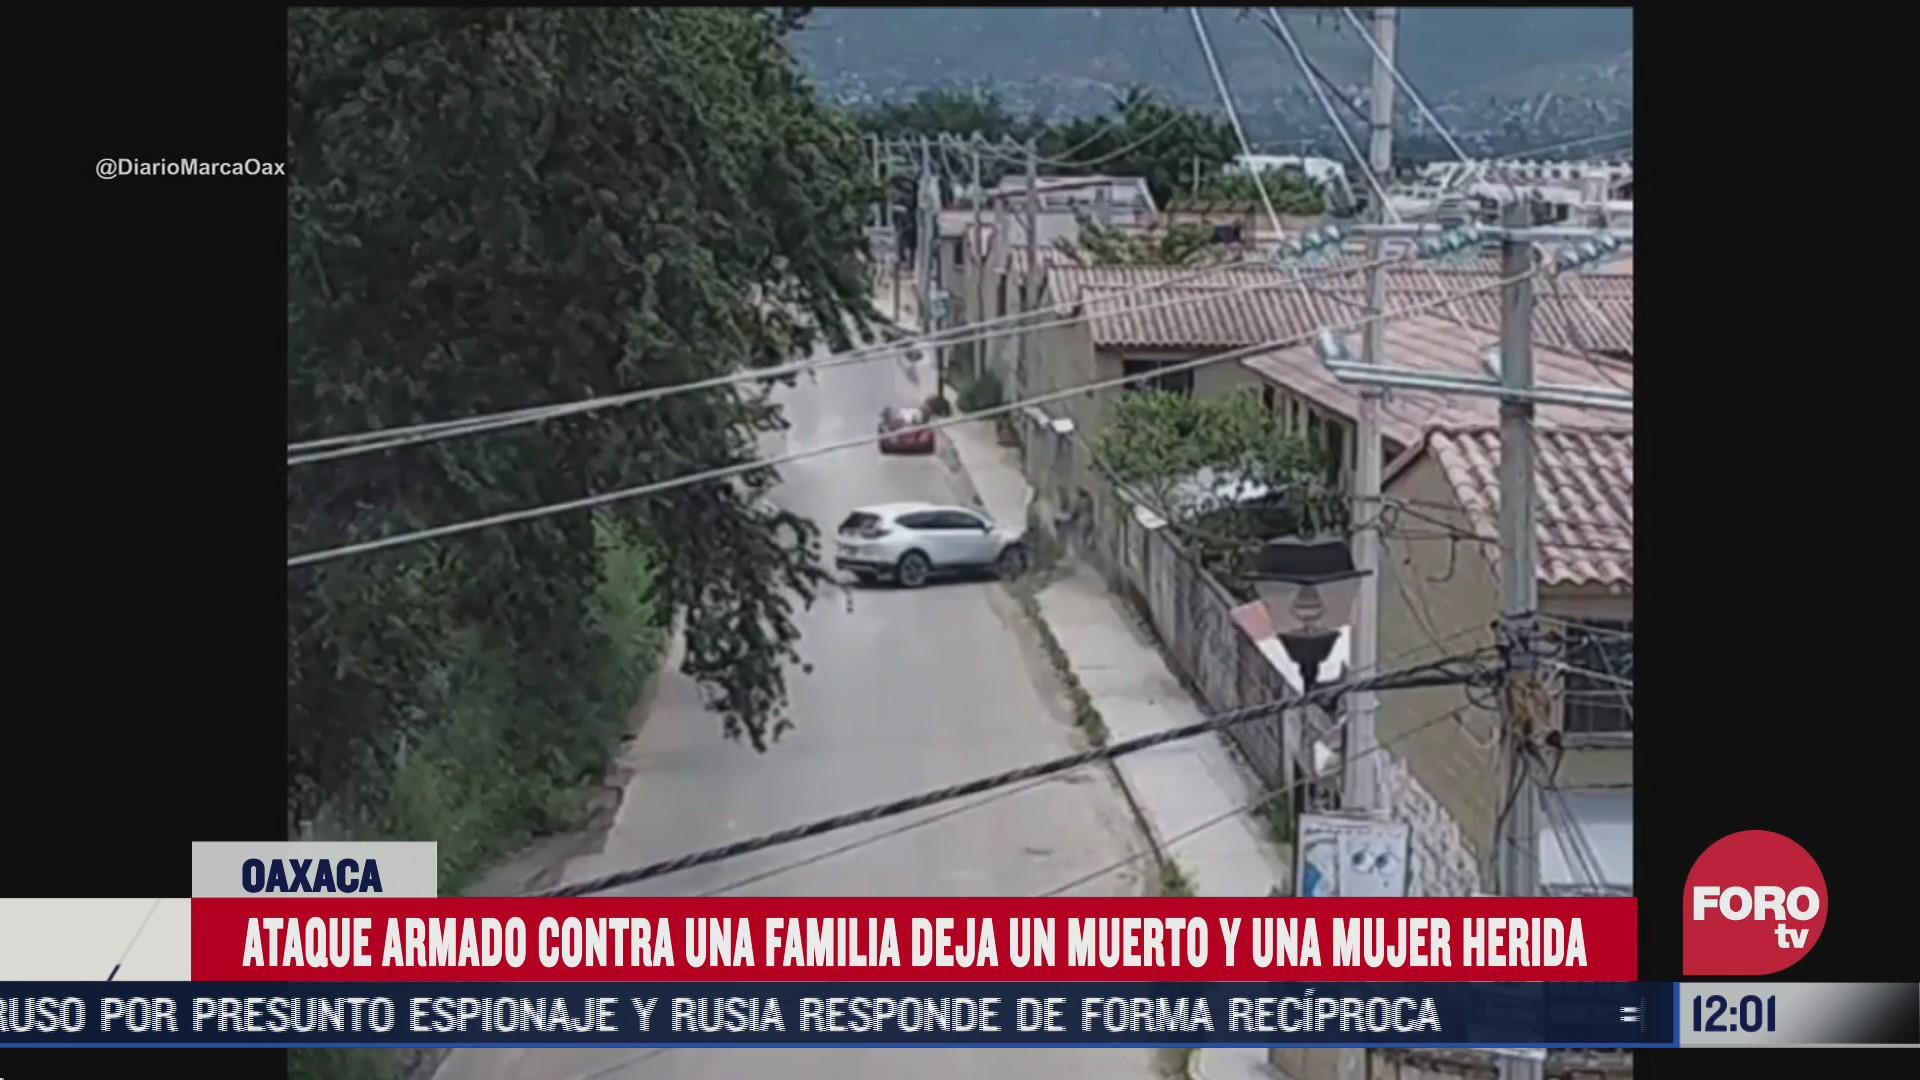 captan ataque armado contra una familia en oaxaca